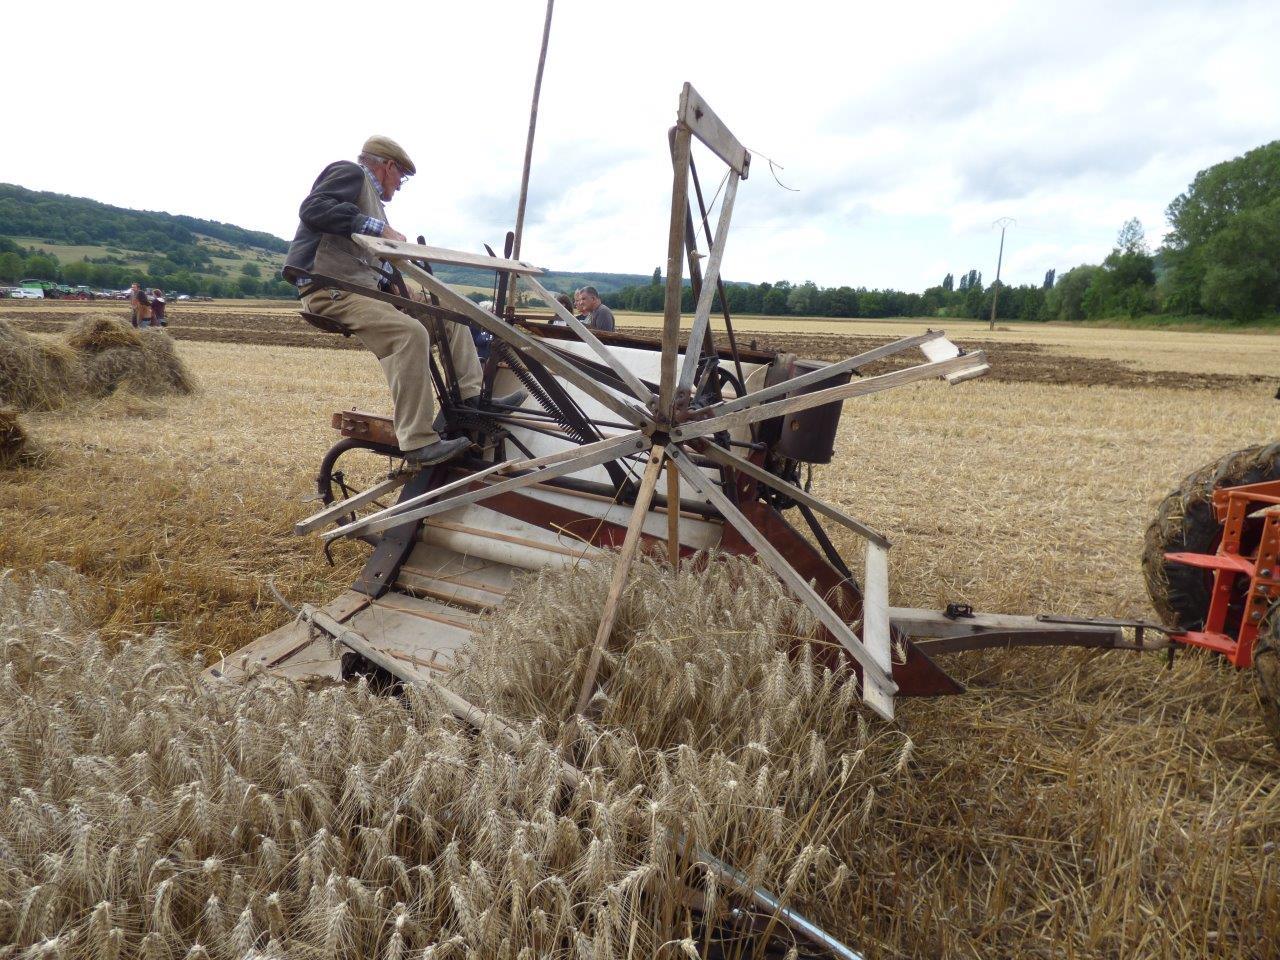 La lieuse fauche le blé, mais également lie les gerbes de blé en tas...